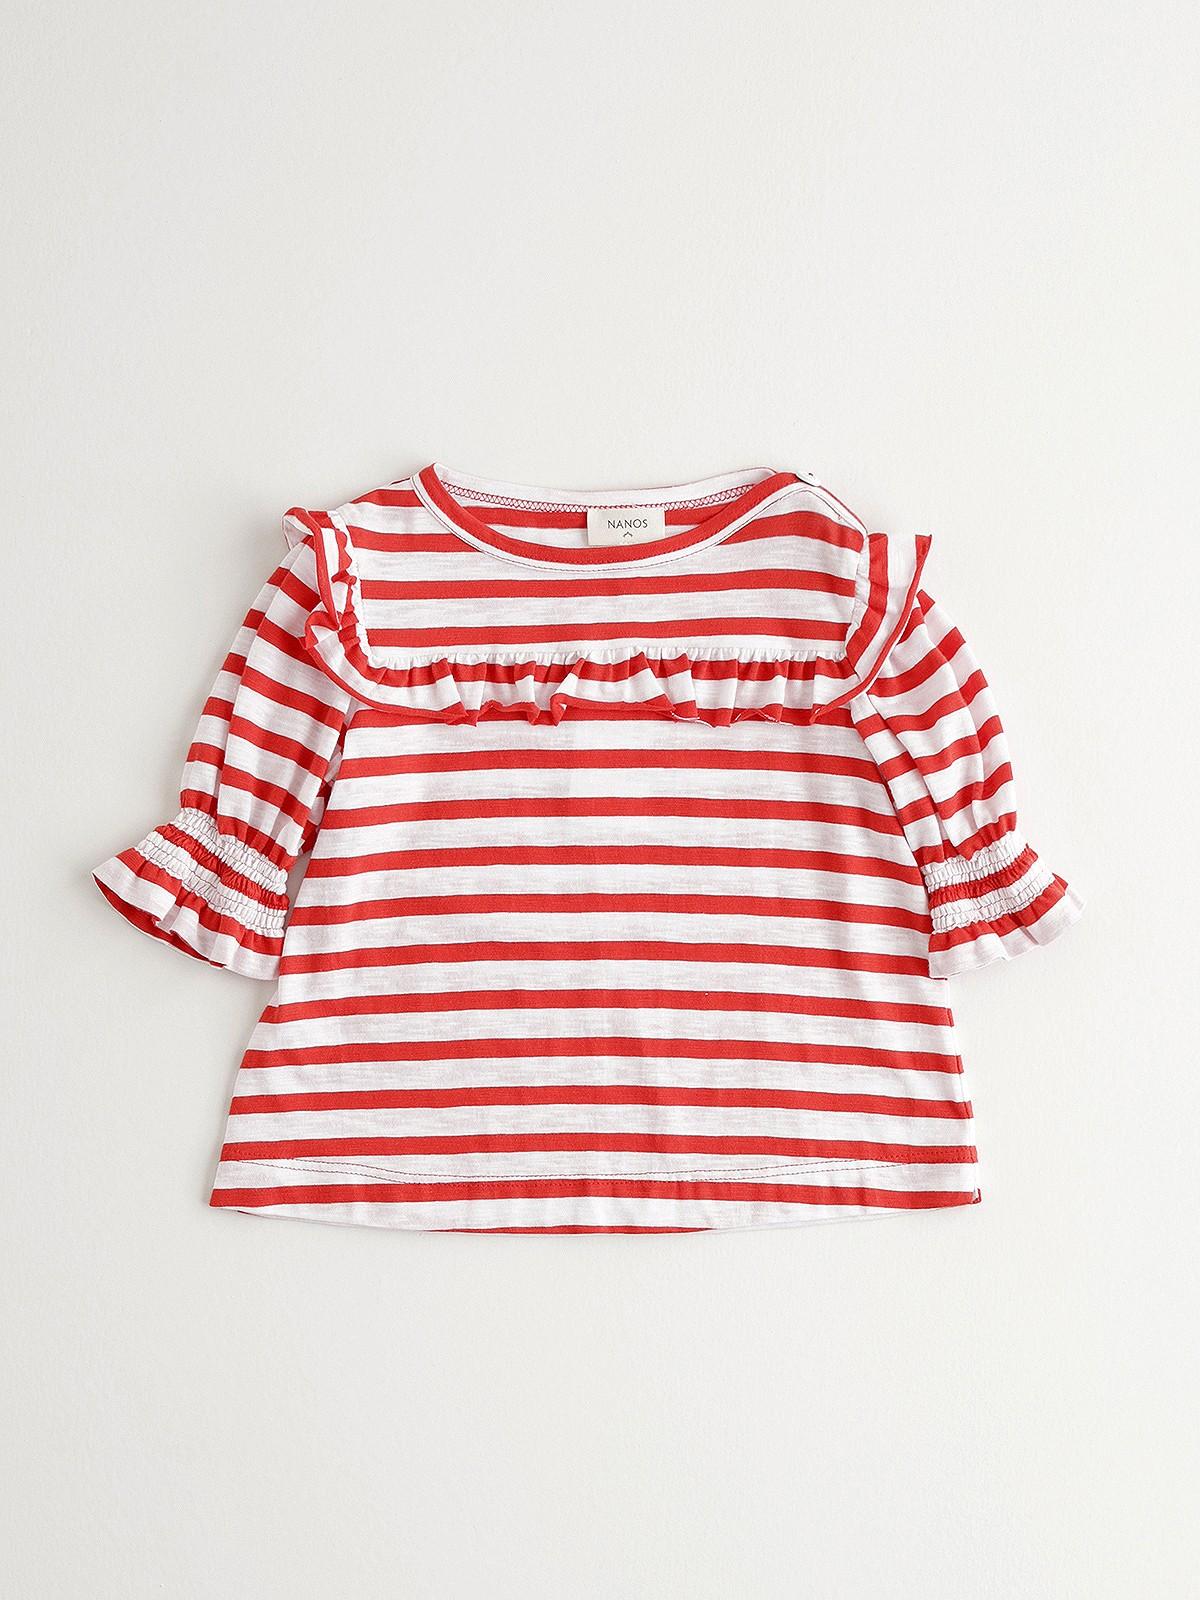 NANOS 紅色條紋上衣